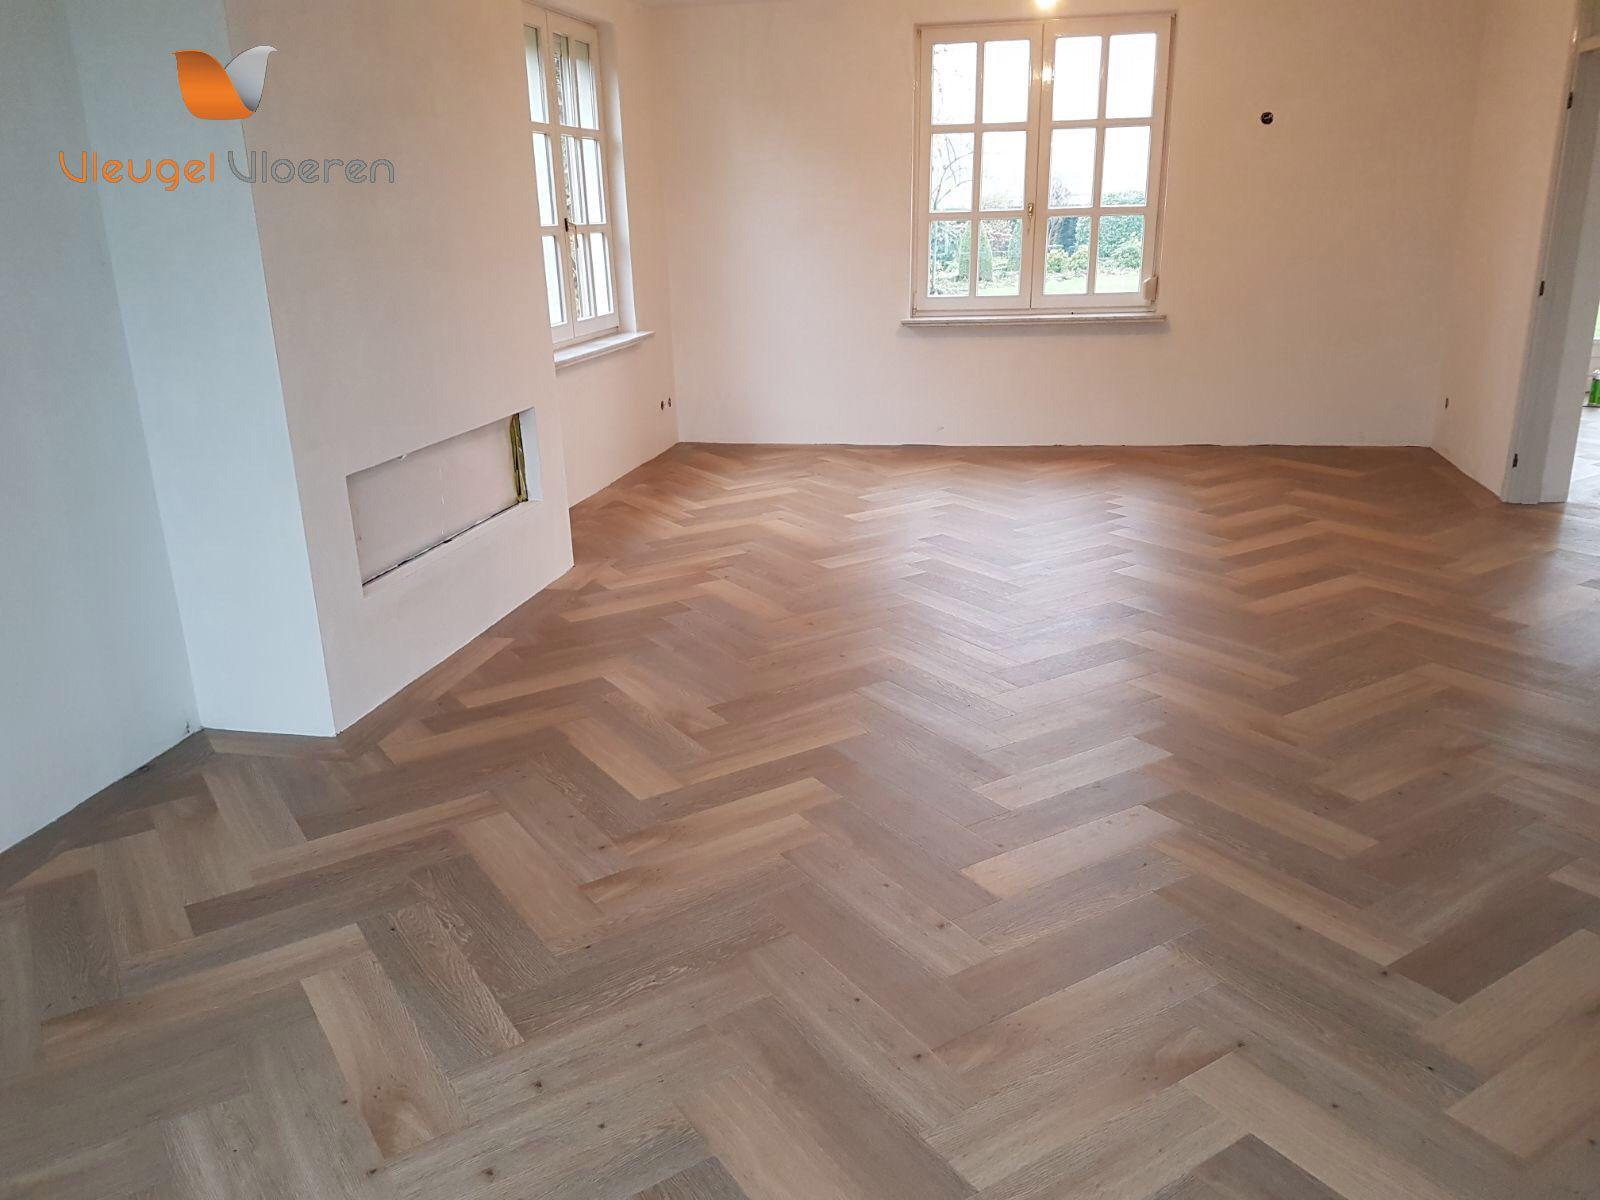 Pvc Vloeren Friesland : In deze mooie woning in thorn hebben we een pvc vloer in